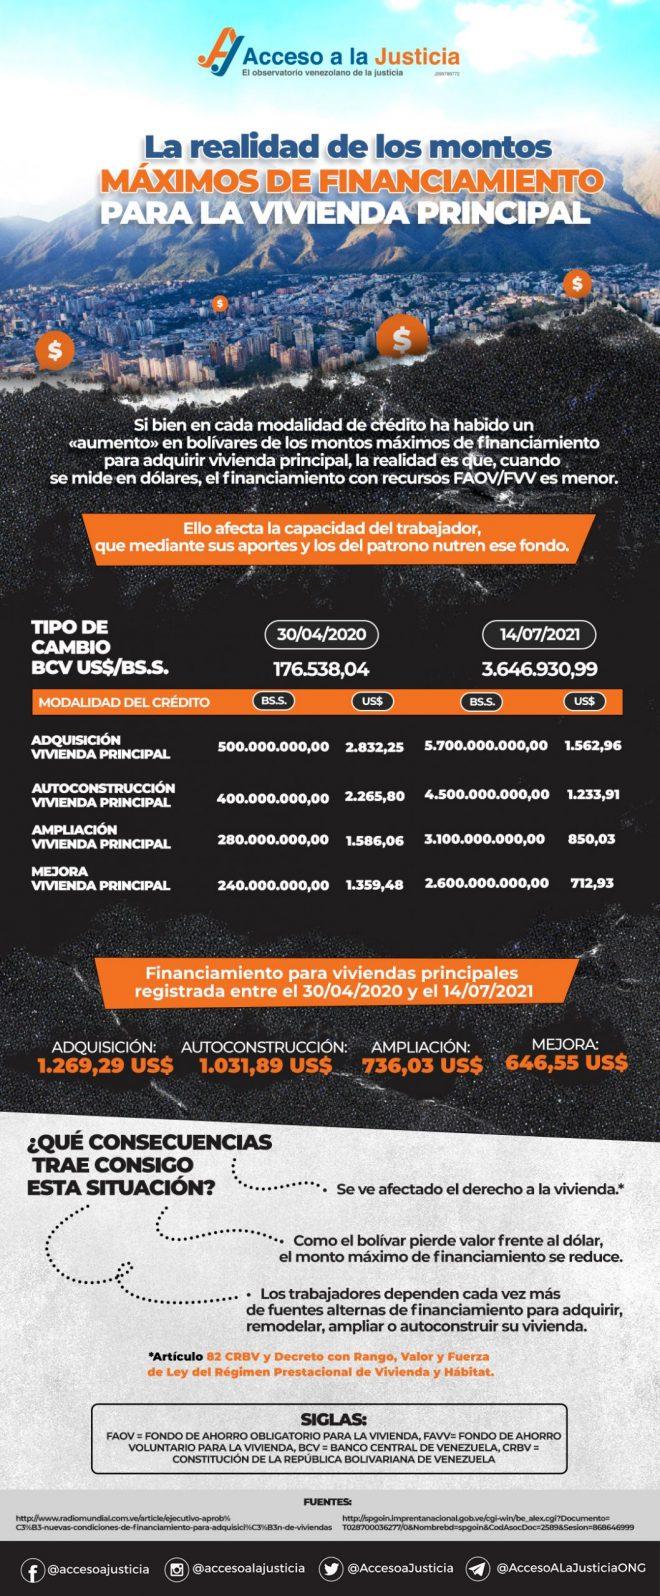 FONDO DE AHORRO VOLUNTARIO PARA LA VIVIENDA (FAVV)